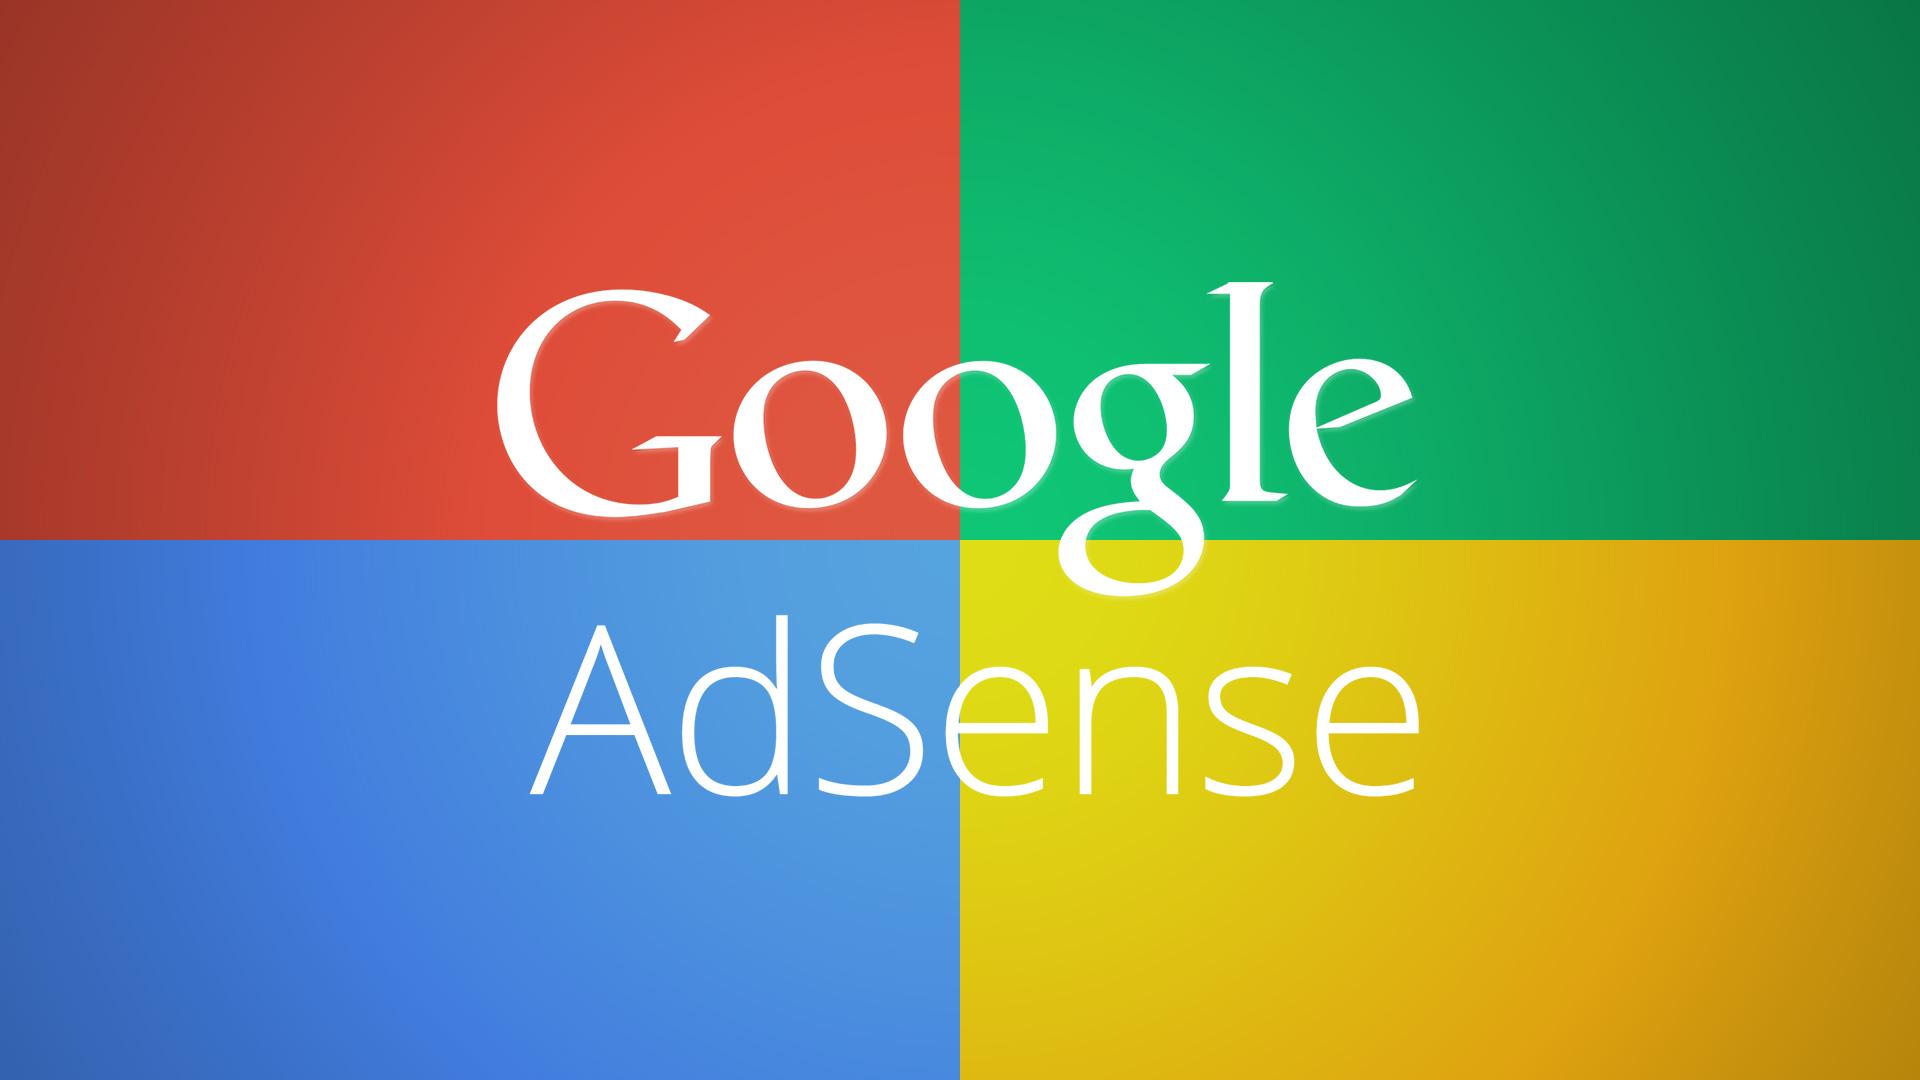 Belajar Membuat Google Adsense Tidak Terlambat, Panduan Praktisnya Berikut Ini